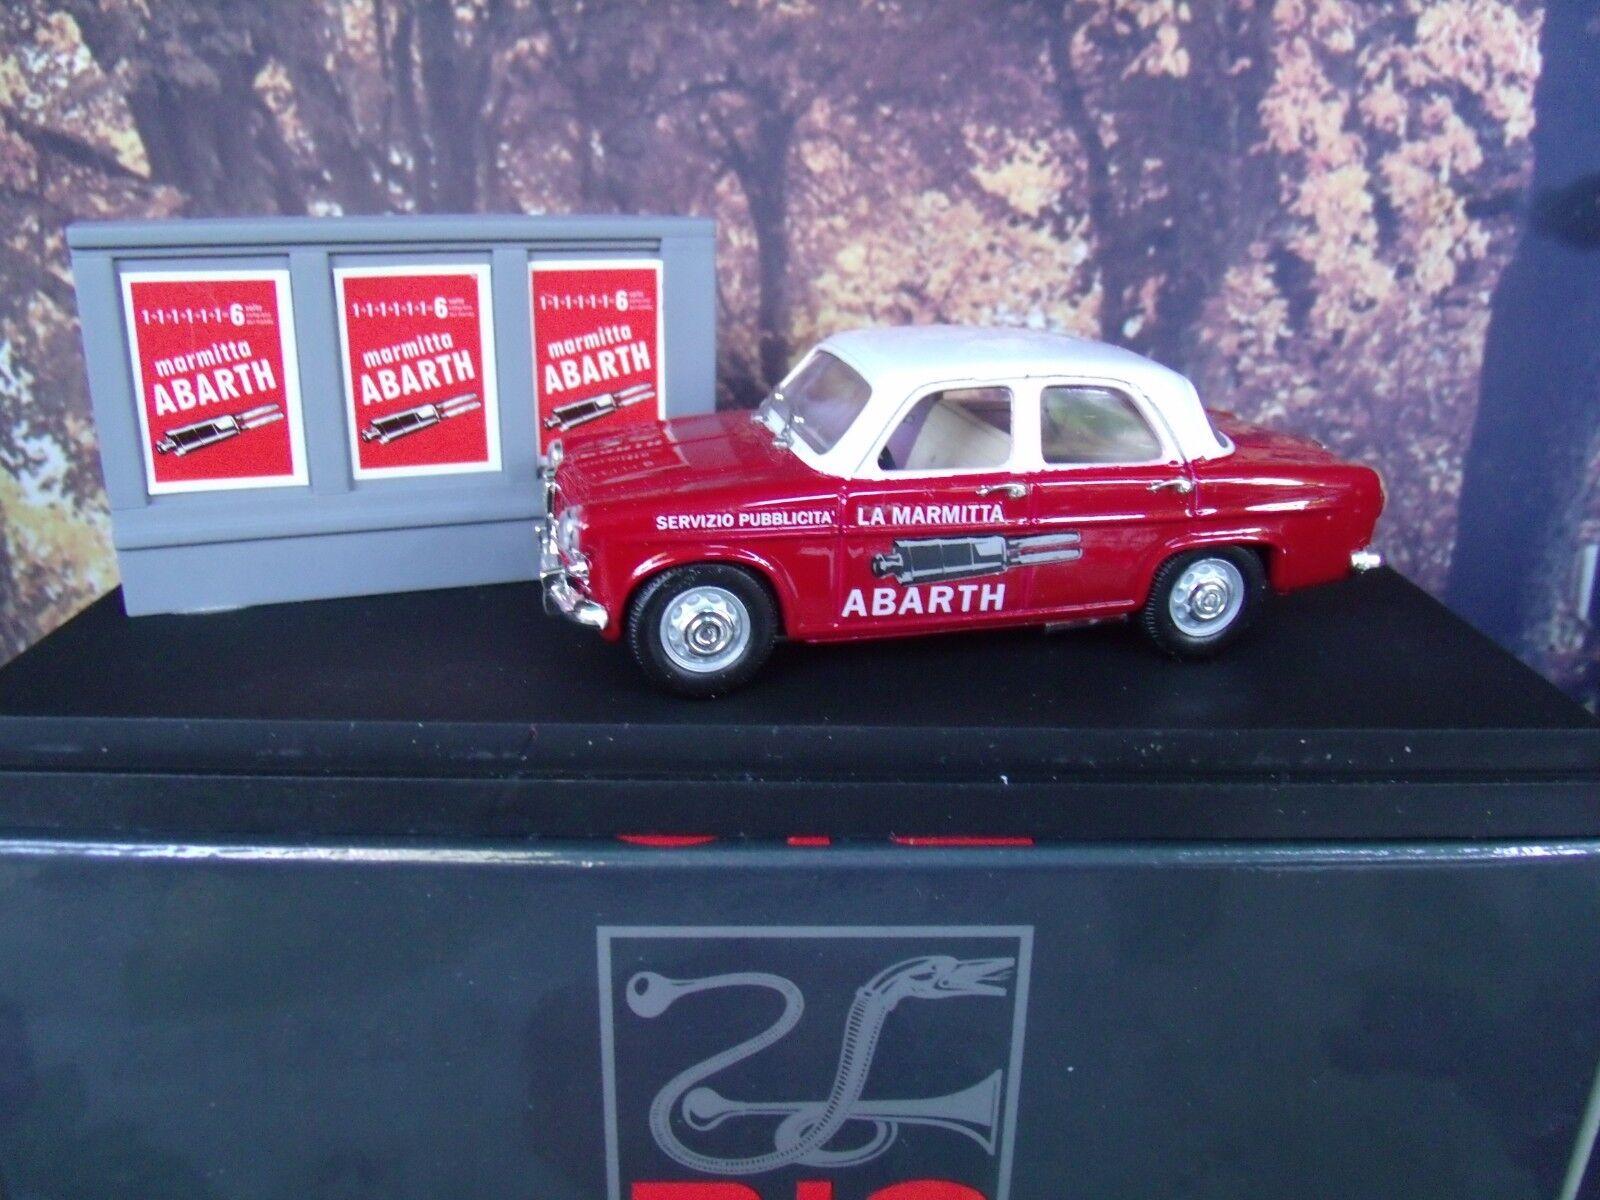 1 43  Rio  () Alfa Romeo giulietta  SERVIZIO MARMITTA ABARTH  SL046